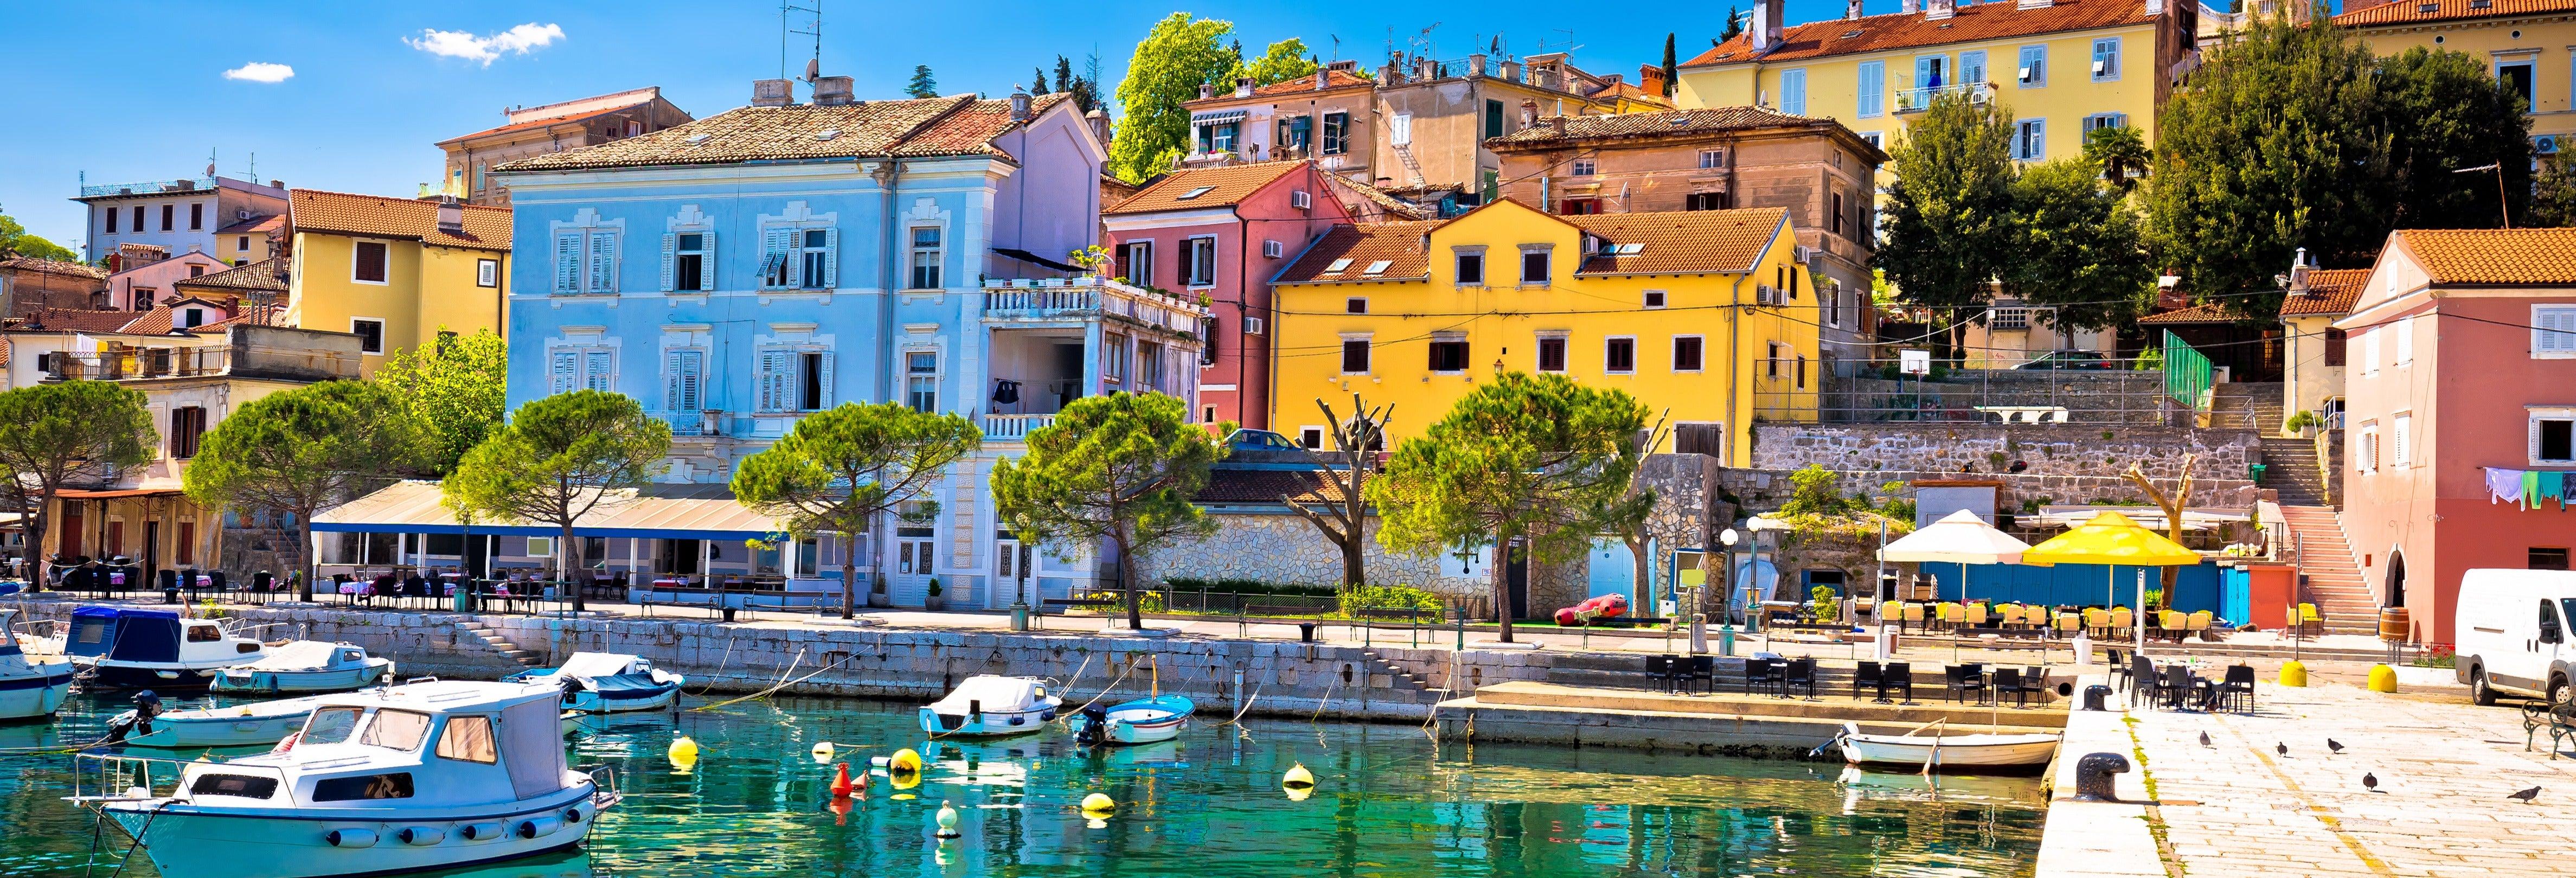 Excursión a Opatija, Mošćenice y Trsat